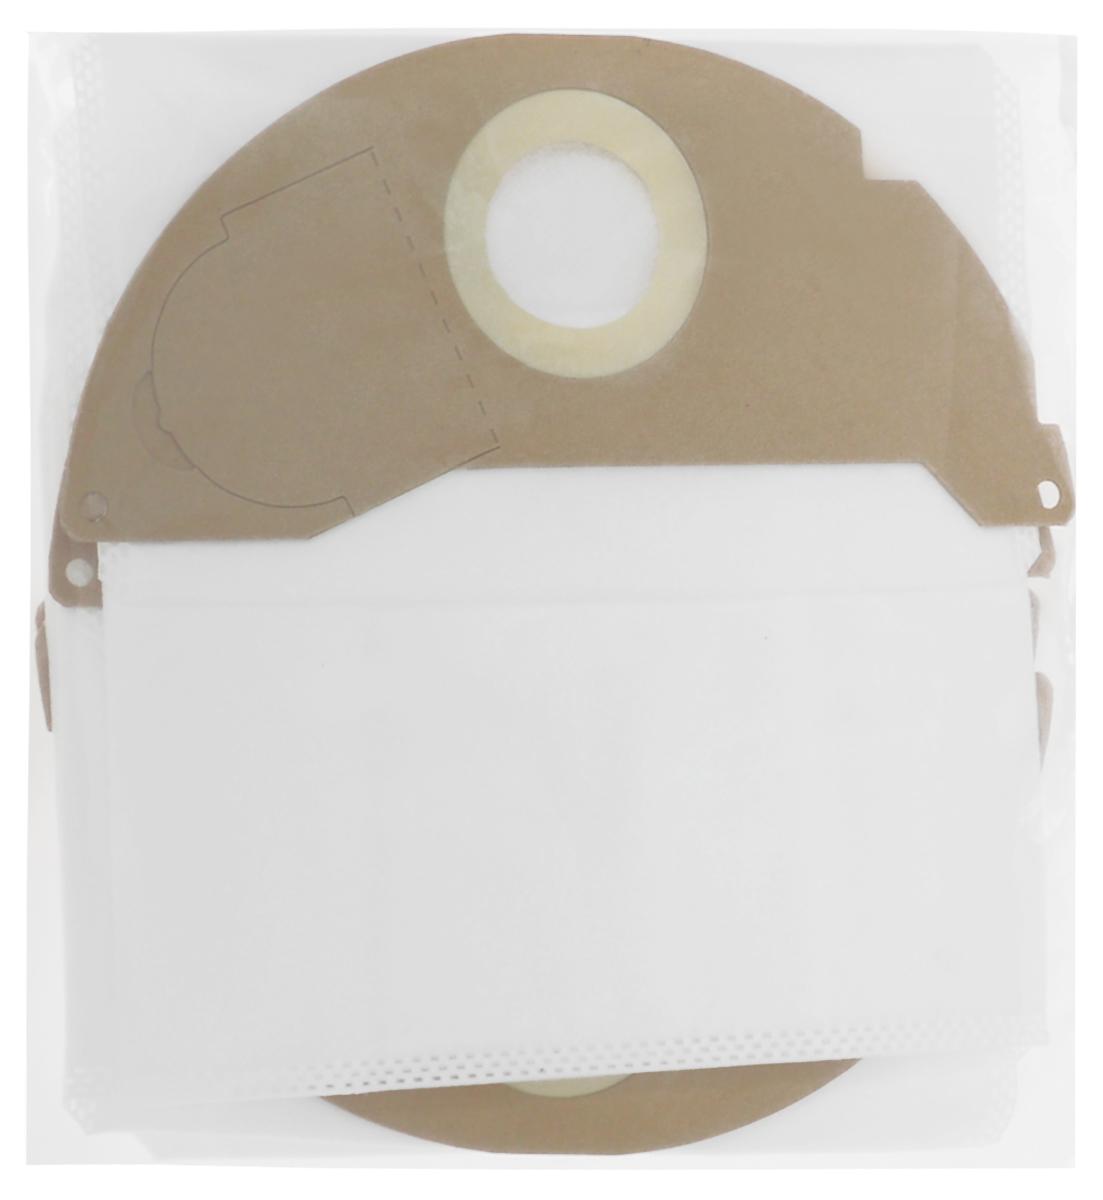 Filtero KAR 05 Pro комплект пылесборников для промышленных пылесосов, 4 шт цена